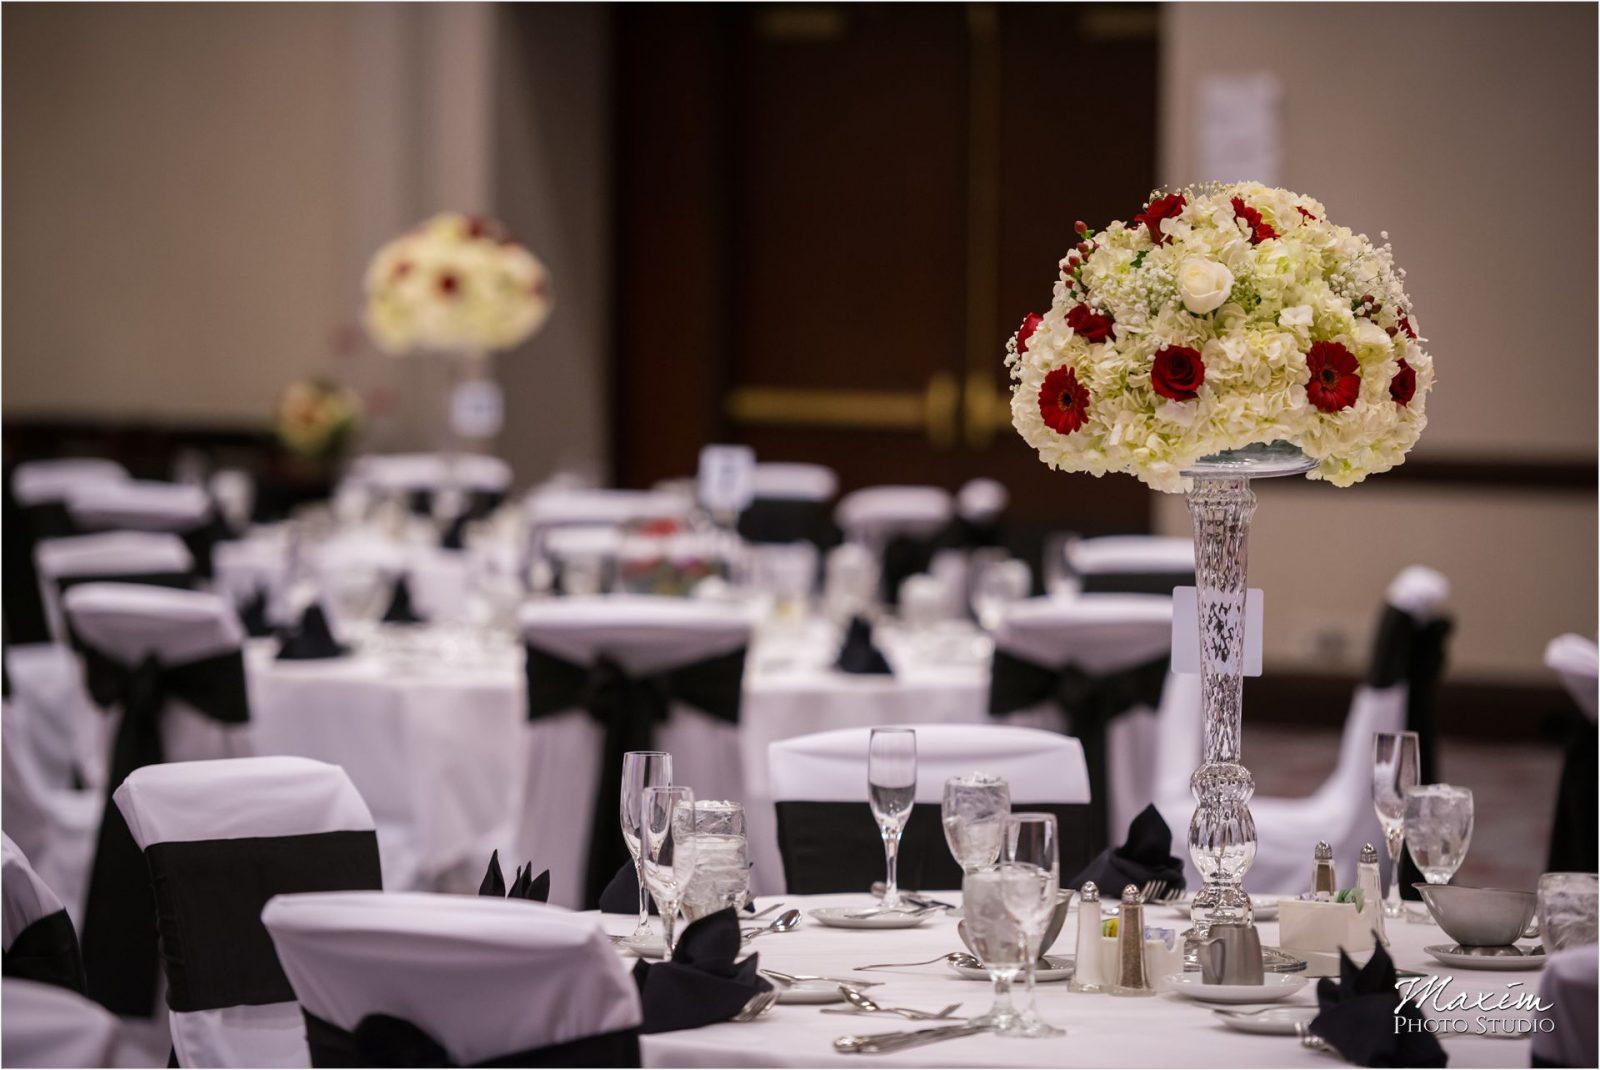 Hyatt Cincinnati Wedding Reception Details